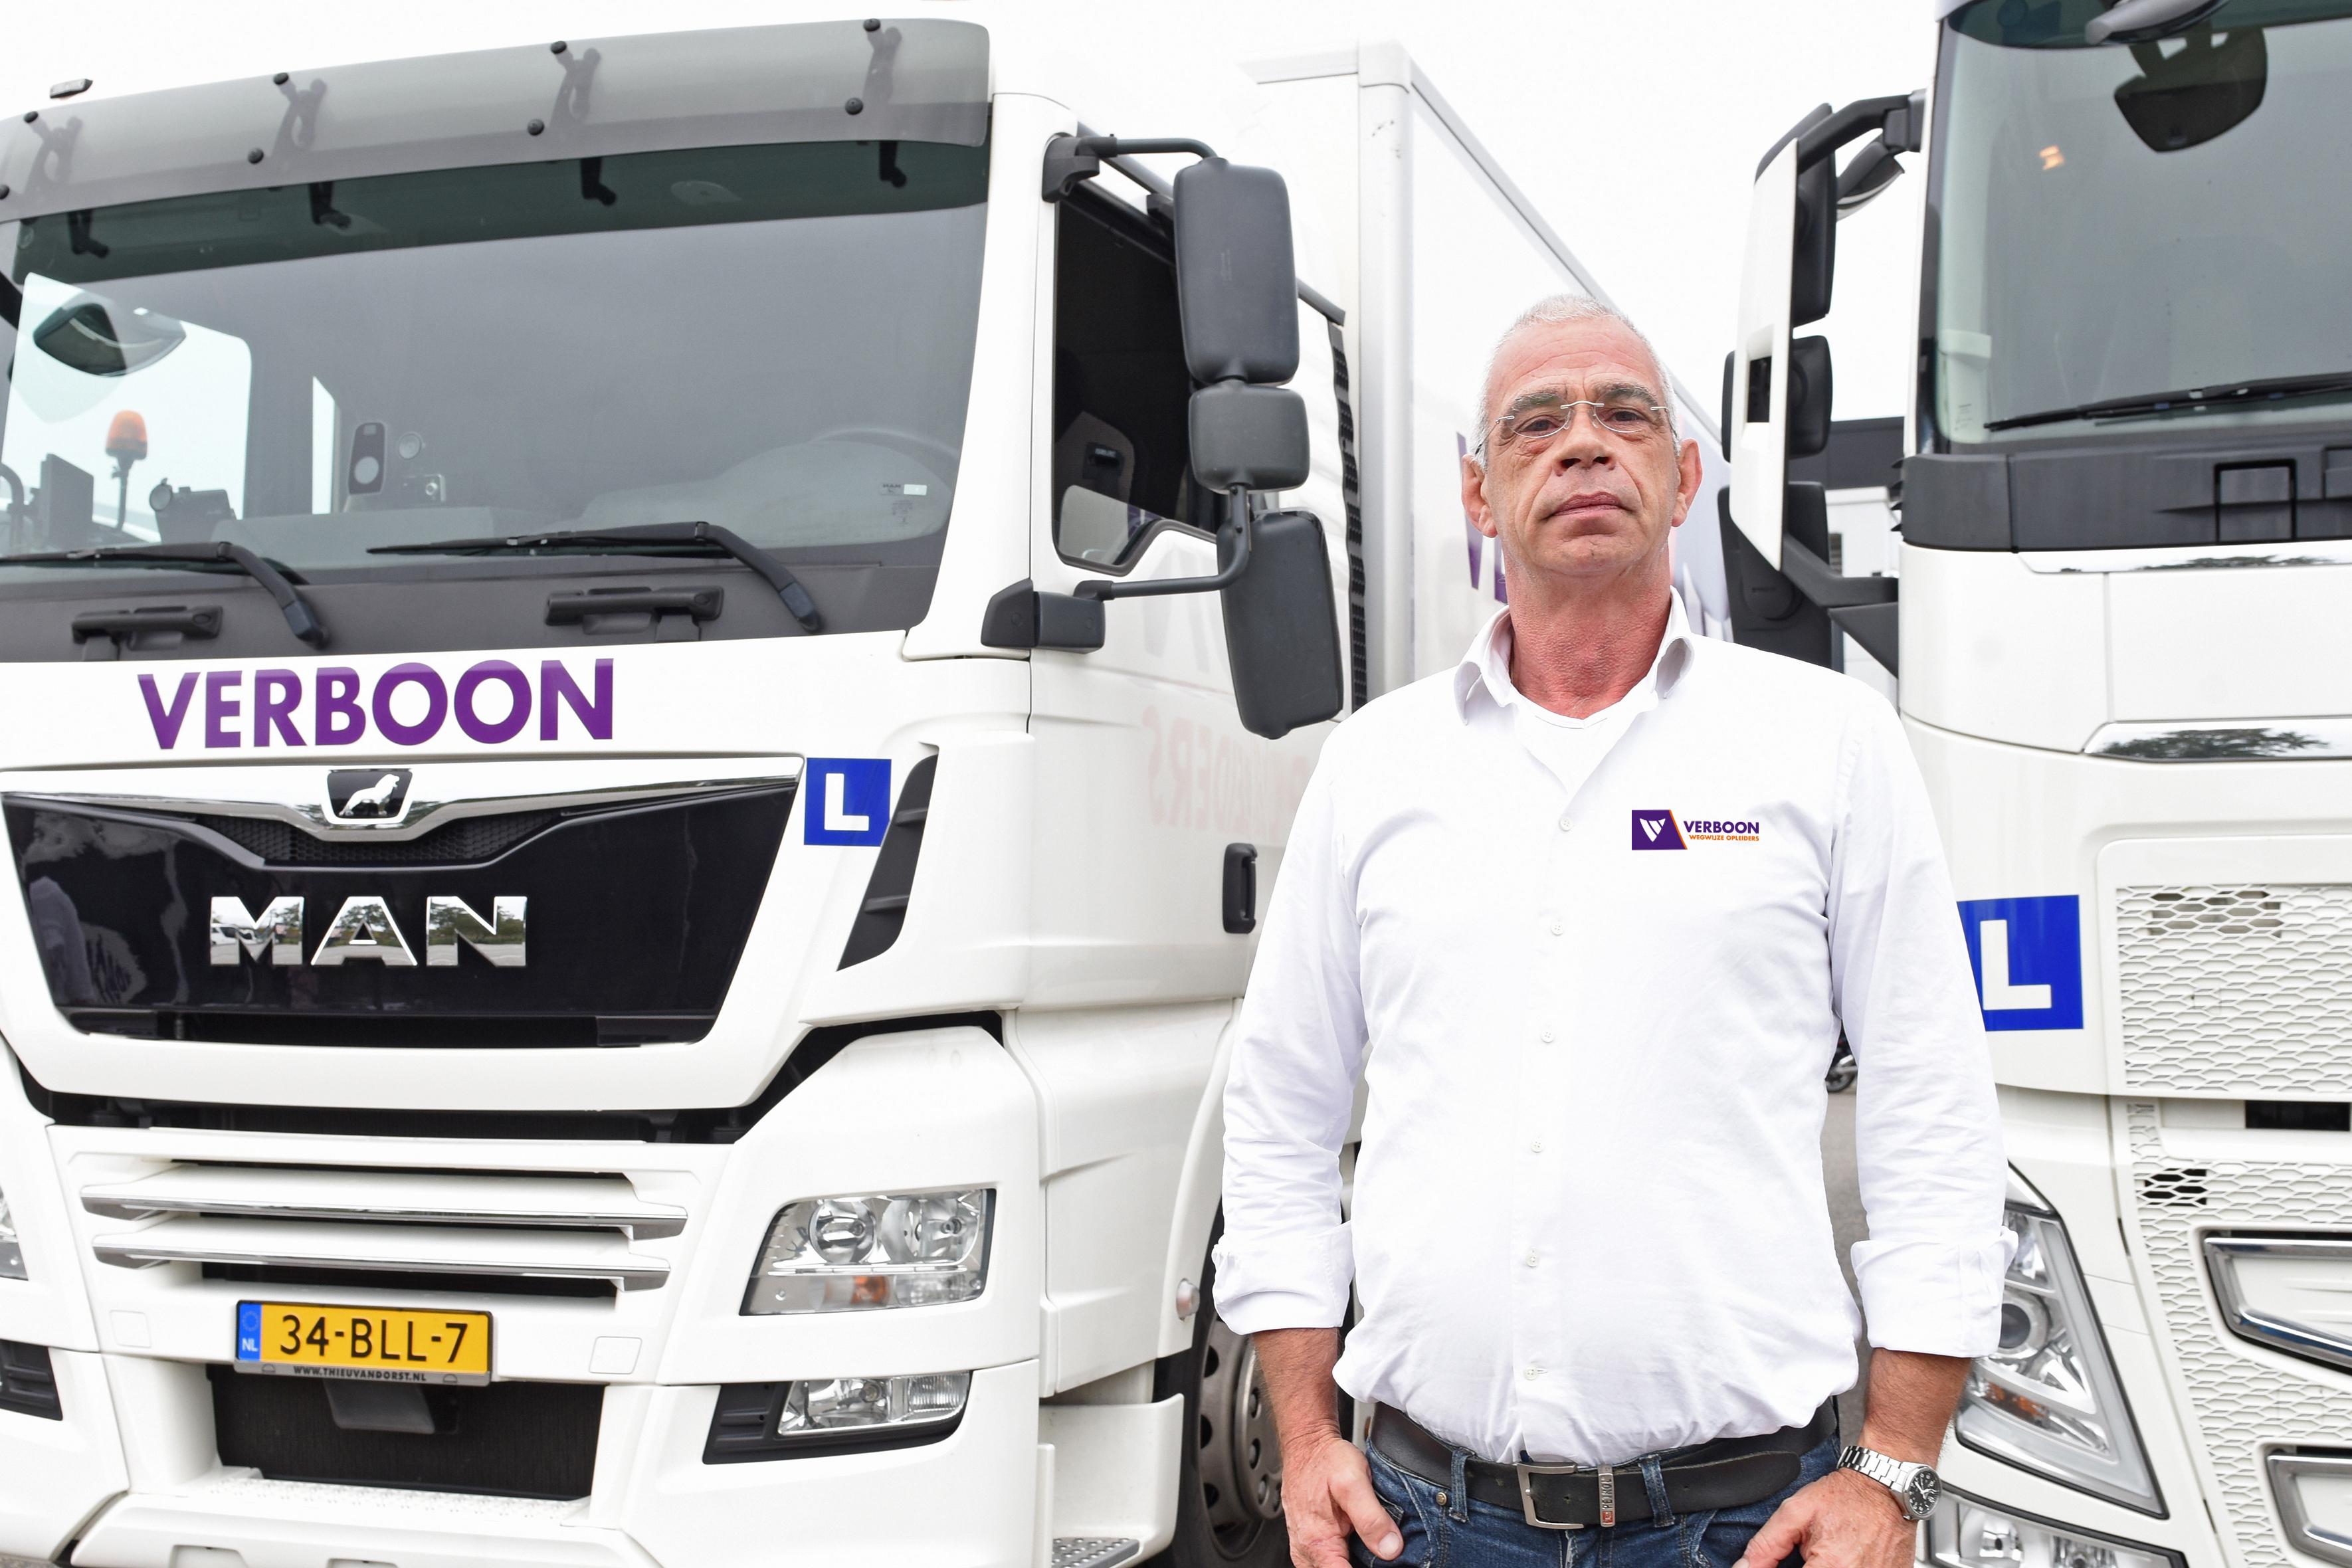 rijinstructeur Verboon wegwijze opleiders Oosterhout